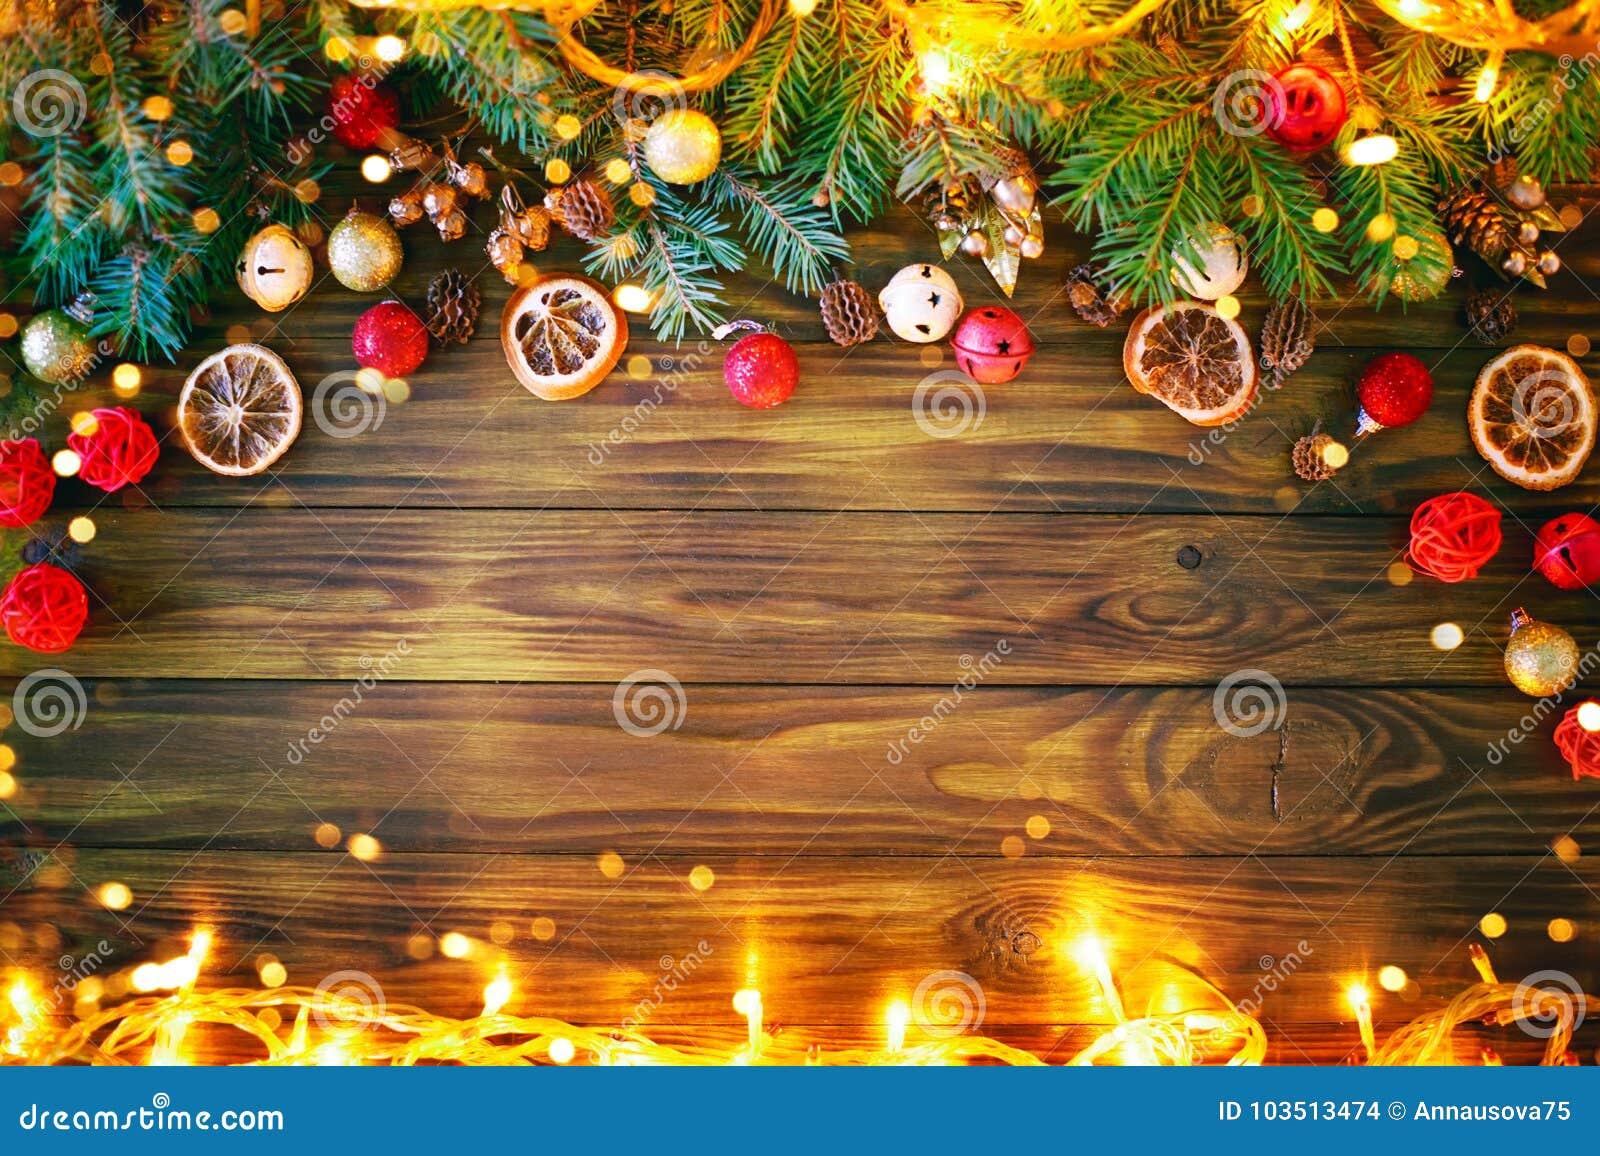 Fundo do inverno do Natal, uma tabela decorada com ramos do abeto e decorações Ano novo feliz Feliz Natal